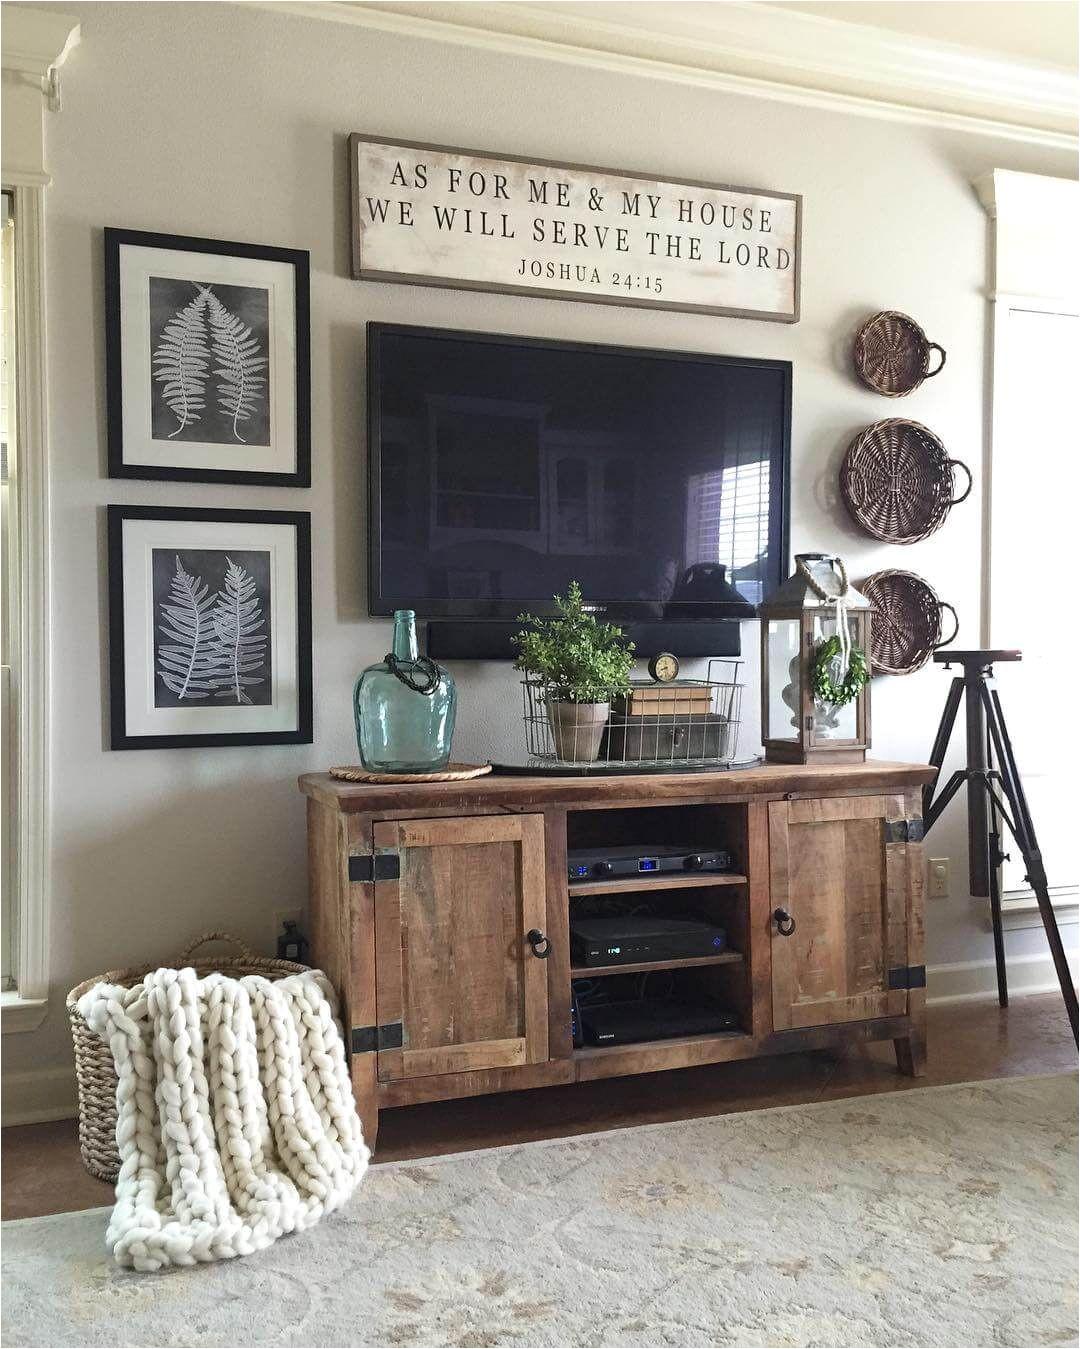 rugged barnwood television console cabinet homedecor muebles raosticos decoraciones de casa casas pequea as